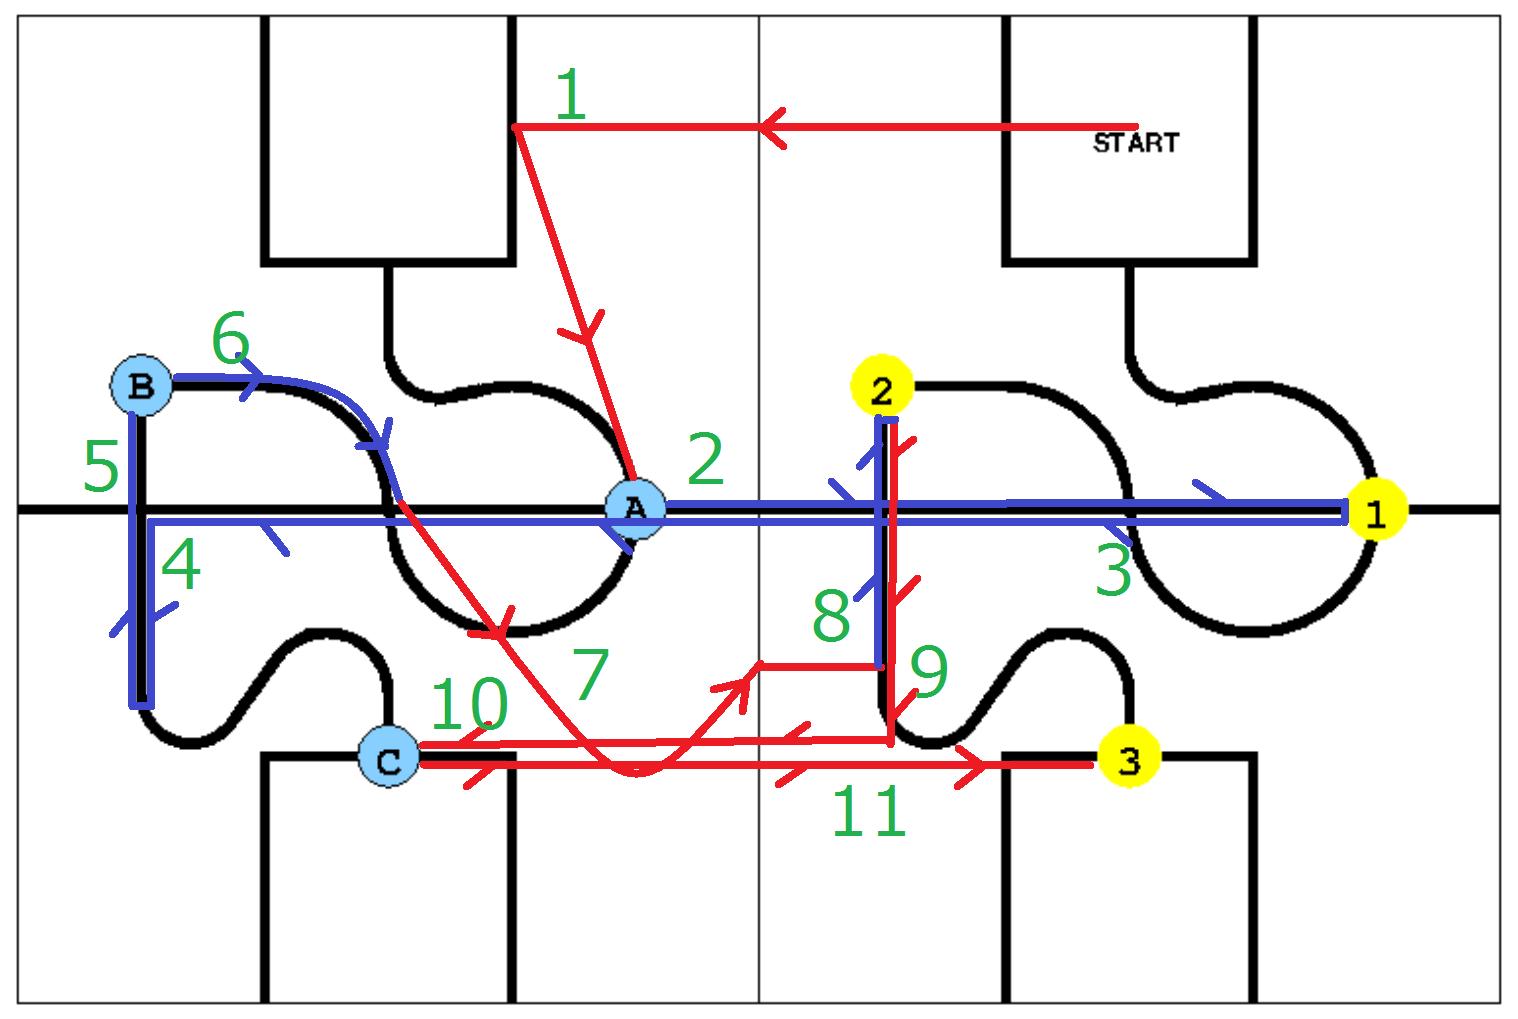 図6ろぼ軌道